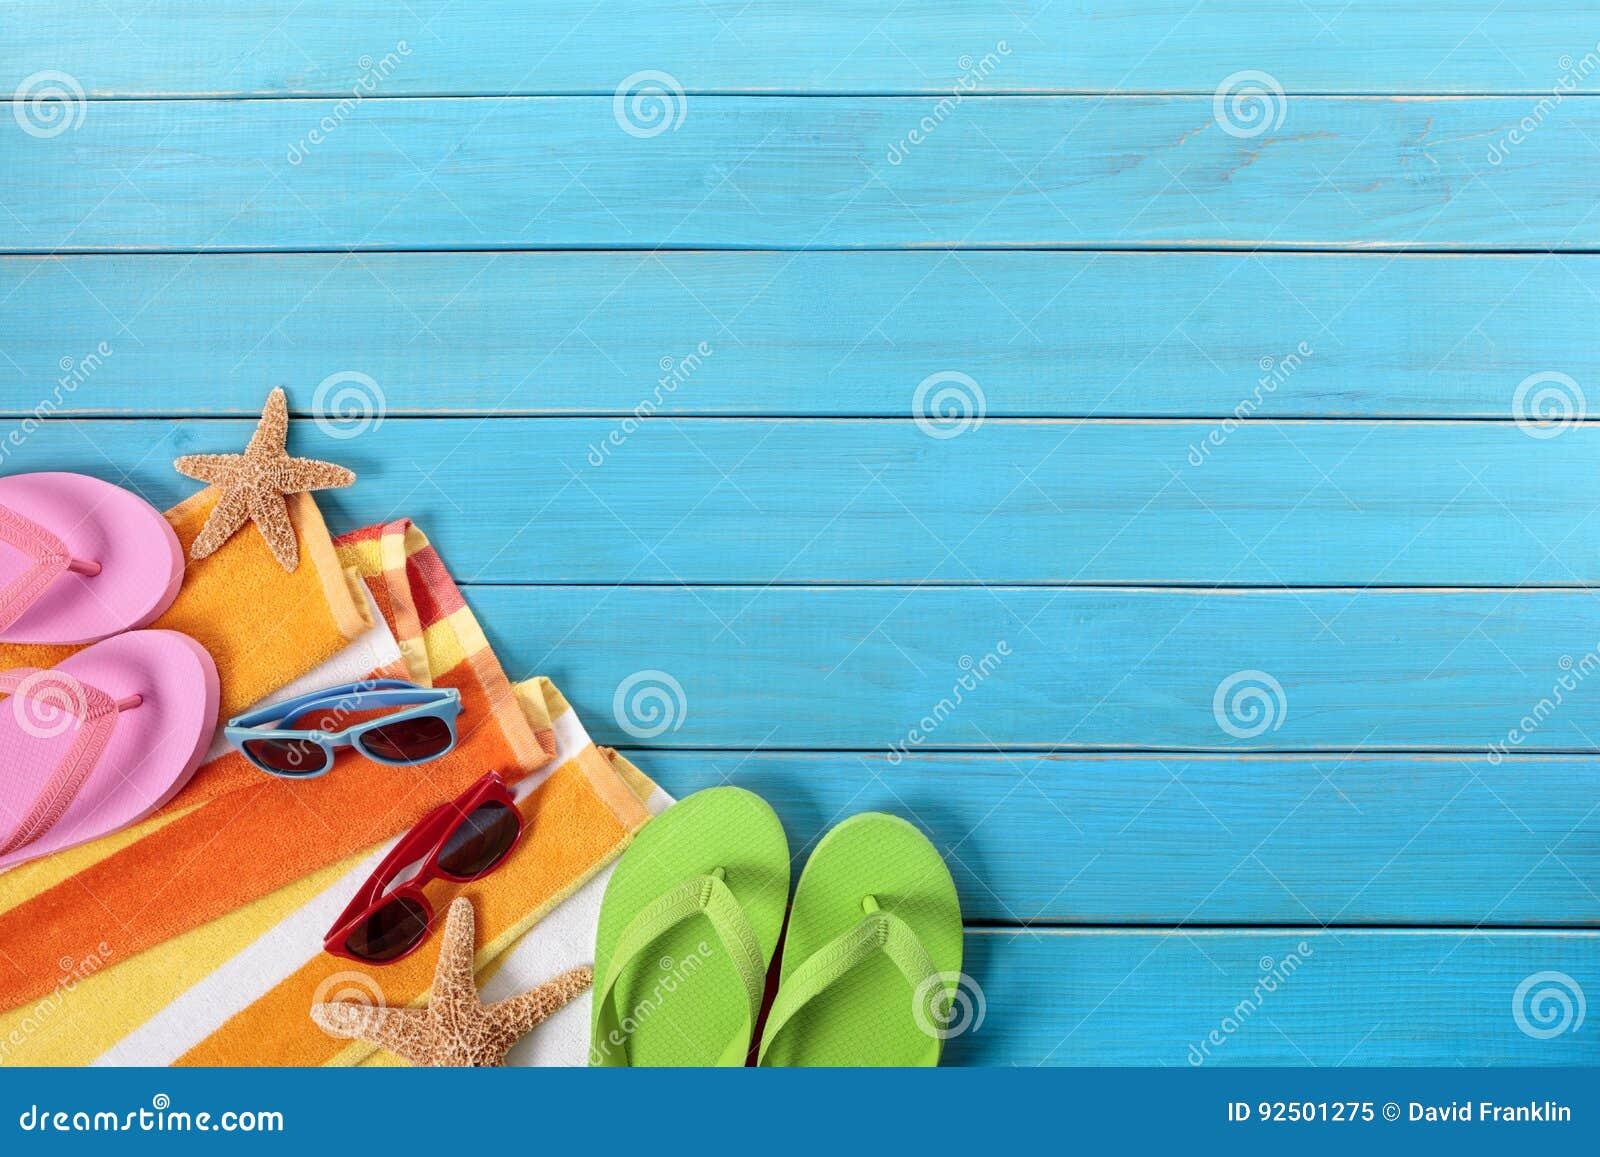 Escena de la playa con decking de madera azul